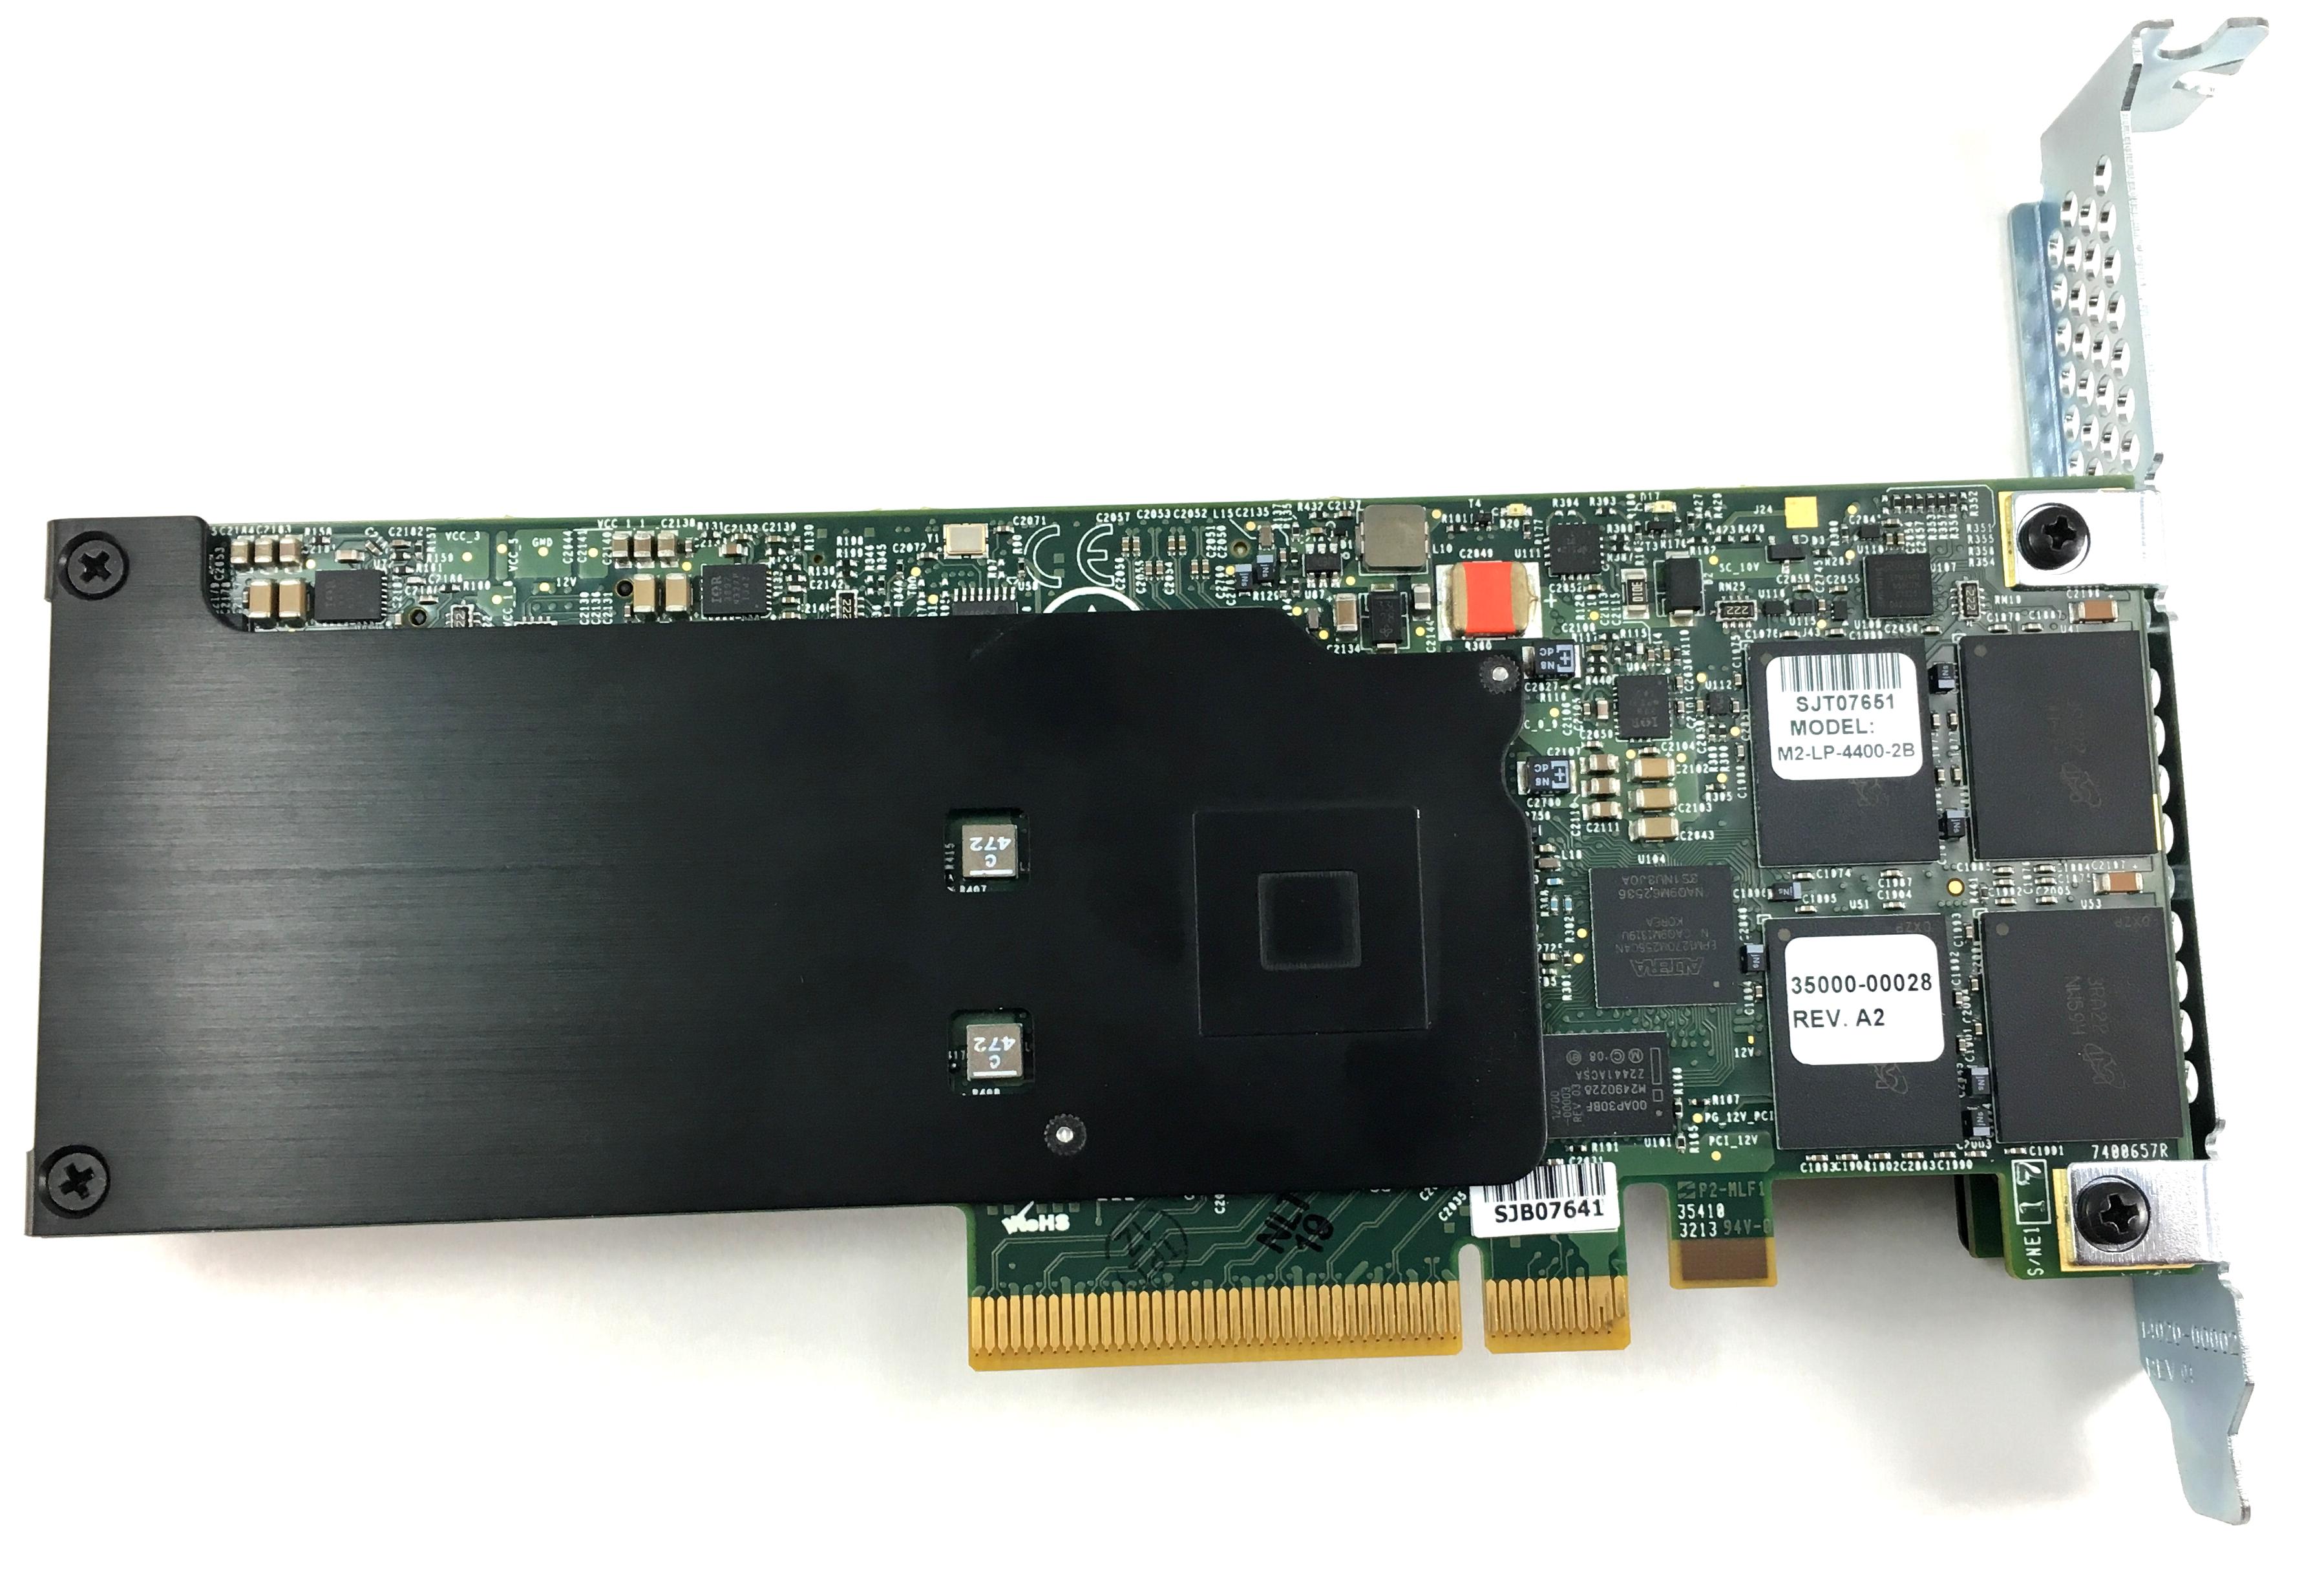 Hgst Virident Flashmax Ii  4.4Tb PCI-E SSD Solid State Flash Drive (M2-LP-4400-2B)